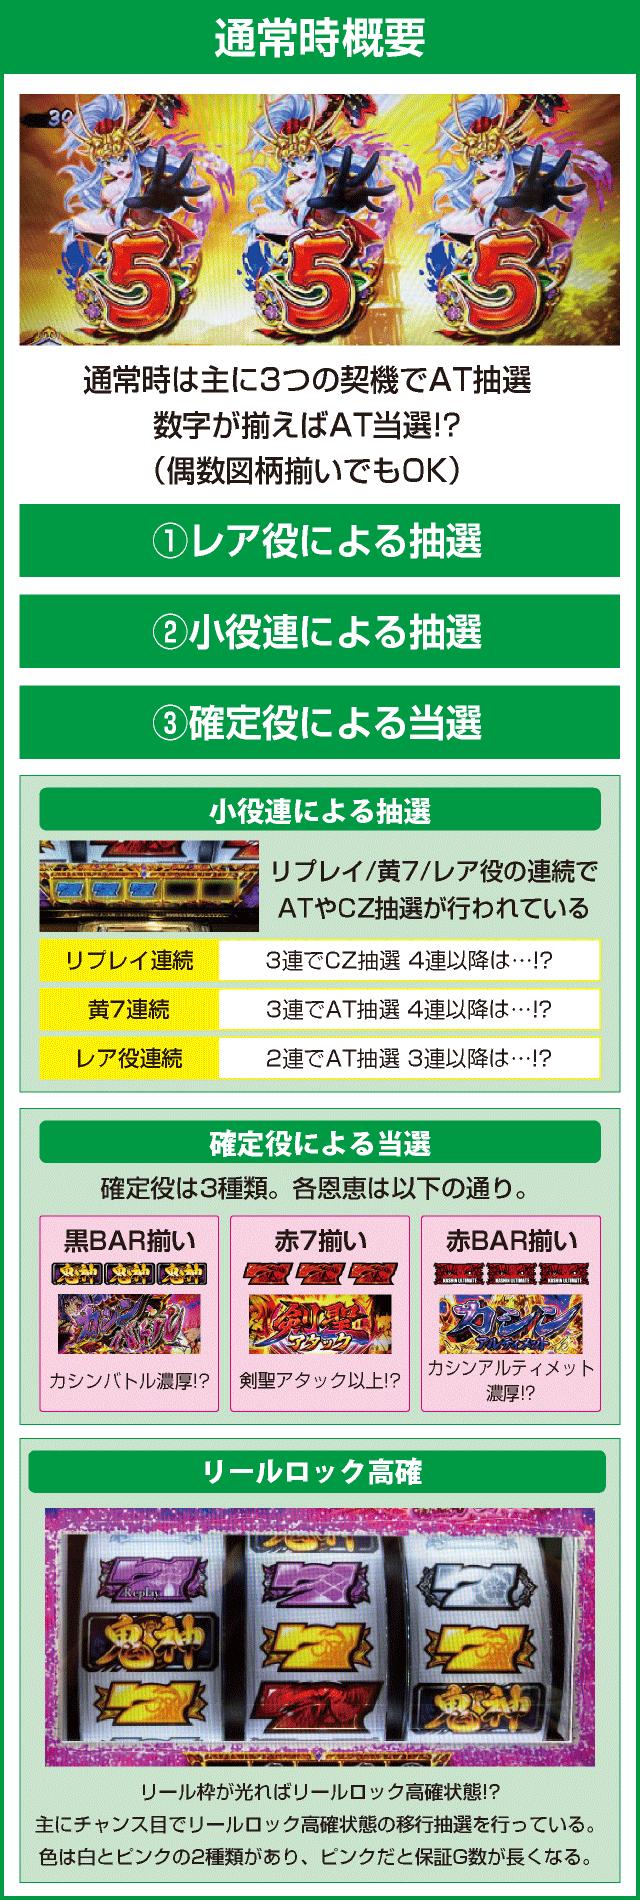 パチスロ戦国乙女 暁の関ヶ原-DARKNESS-のピックアップポイント